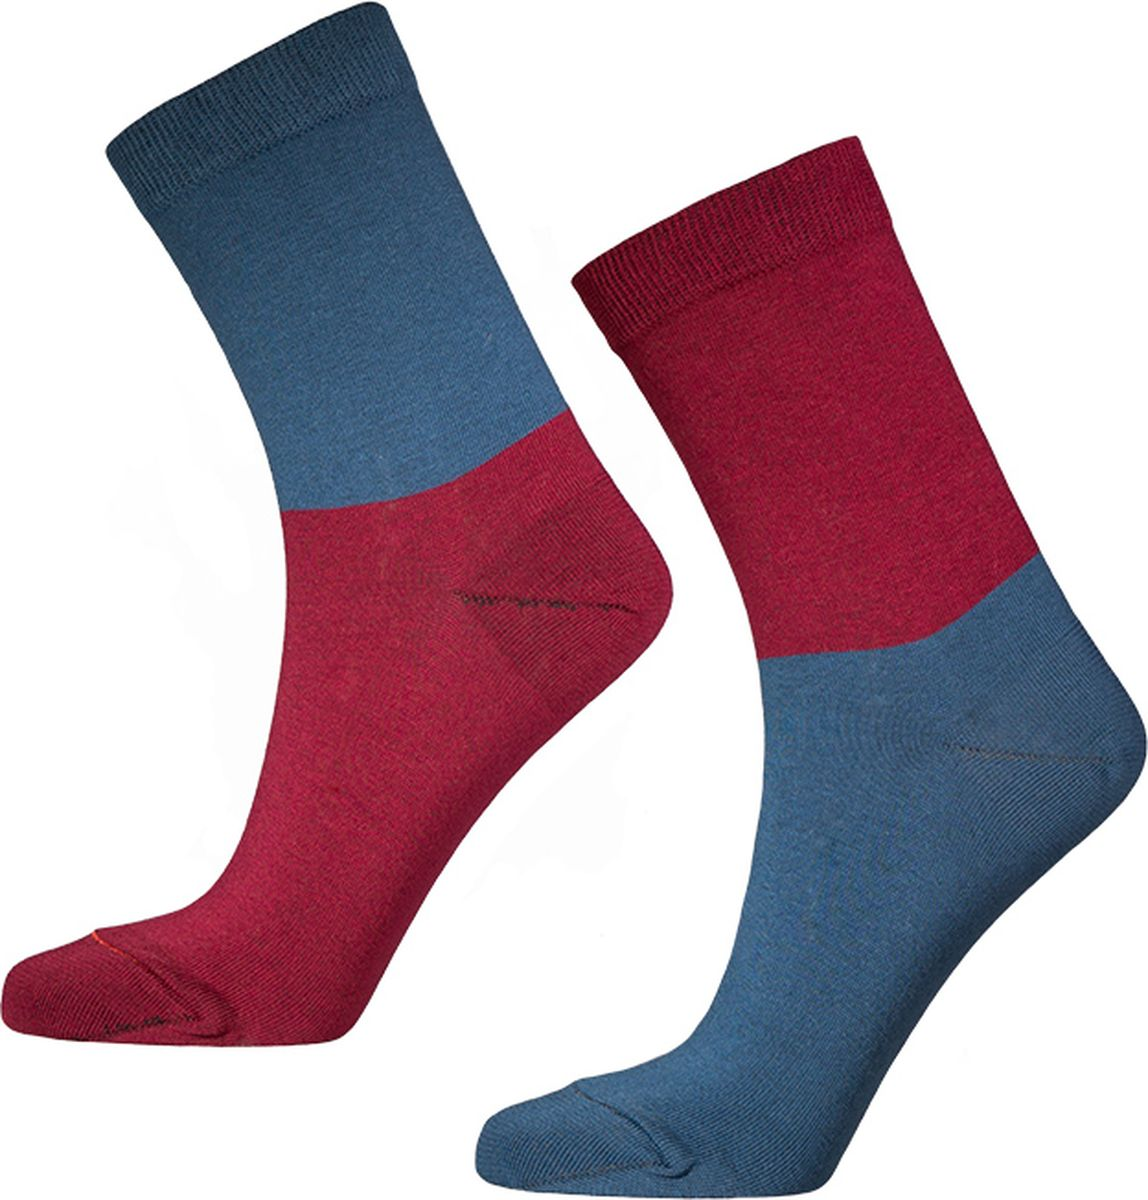 Носки мужские Big Bang Socks, цвет: джинсовый, бордовый, 2 пары. d471. Размер 40/44d471Яркие носки Big Bang Socks изготовлены из высококачественного хлопка с добавлением полиамидных и эластановых волокон, которые обеспечивают великолепную посадку. Носки отличаются ярким стильным дизайном. На правом и левом носке рисунки не симметричены.Удобная резинка идеально облегает ногу и не пережимает сосуды, усиленныепятка и мысок повышают износоустойчивость носка, а удлиненный паголенокпридает более эстетичный вид. Дизайнерские носки Big Bang Socks - яркая деталь в вашем образе и оригинальныйподарок для друзей и близких.В комплекте две пары носков.